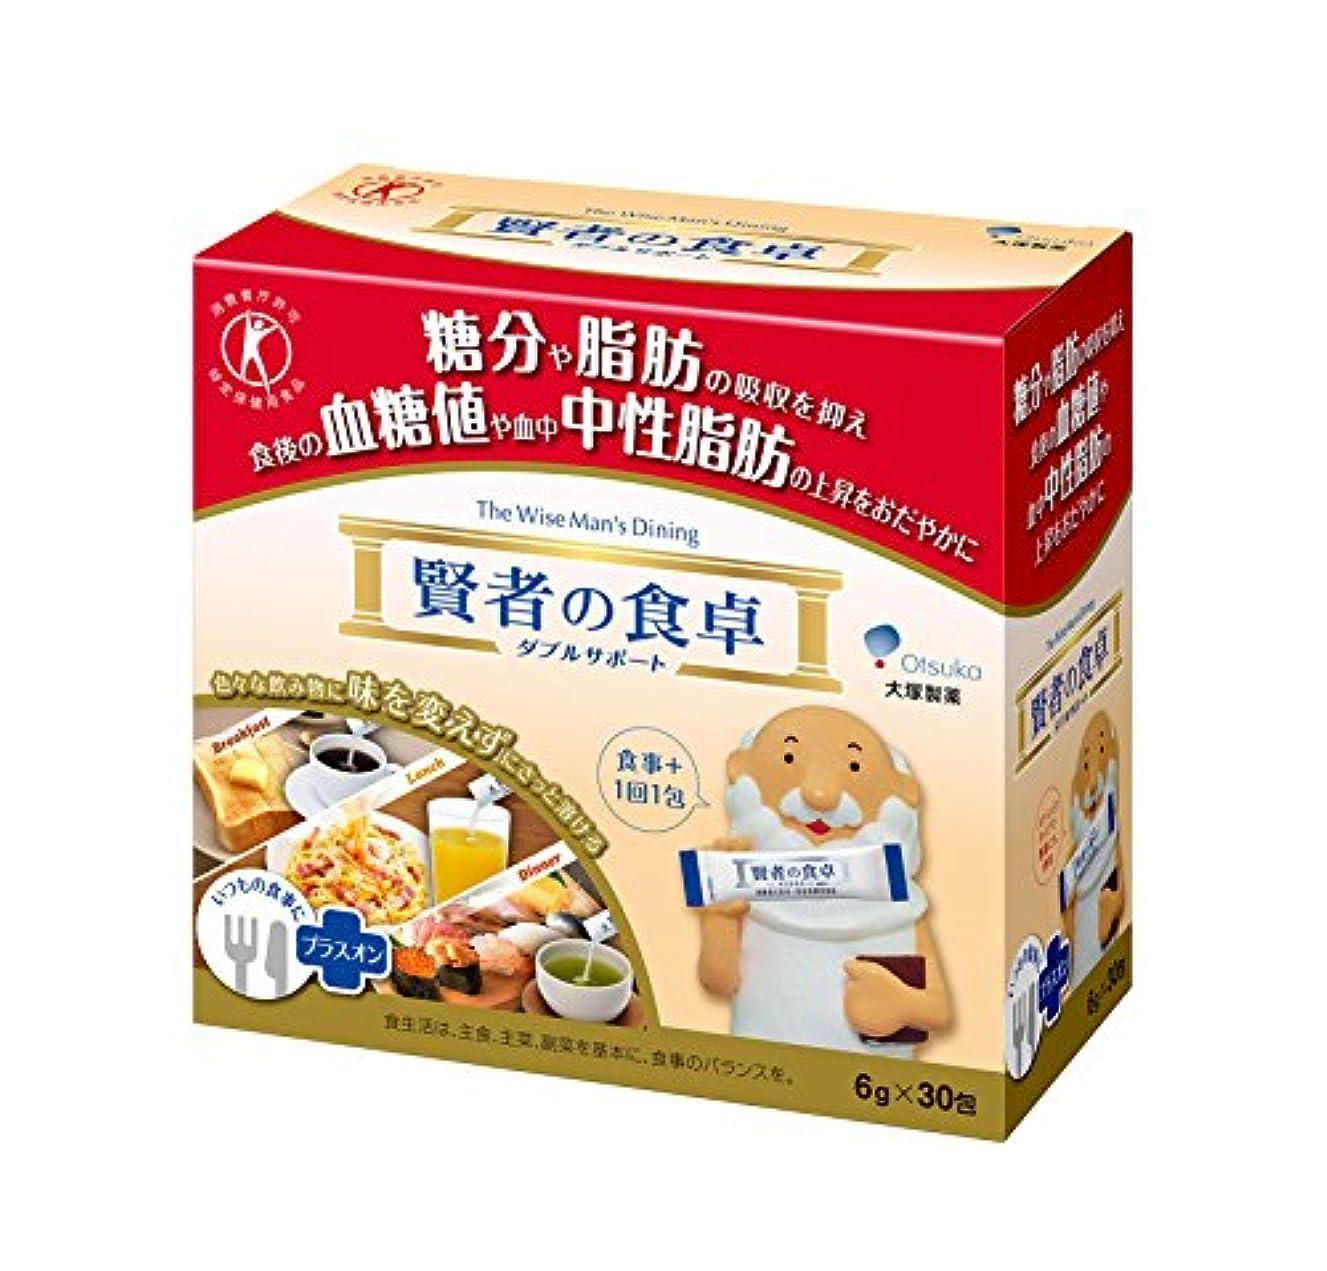 リダクター幸福タイヤ大塚製薬 賢者の食卓 ダブルサポート 6g×30包 【特定保健用食品】